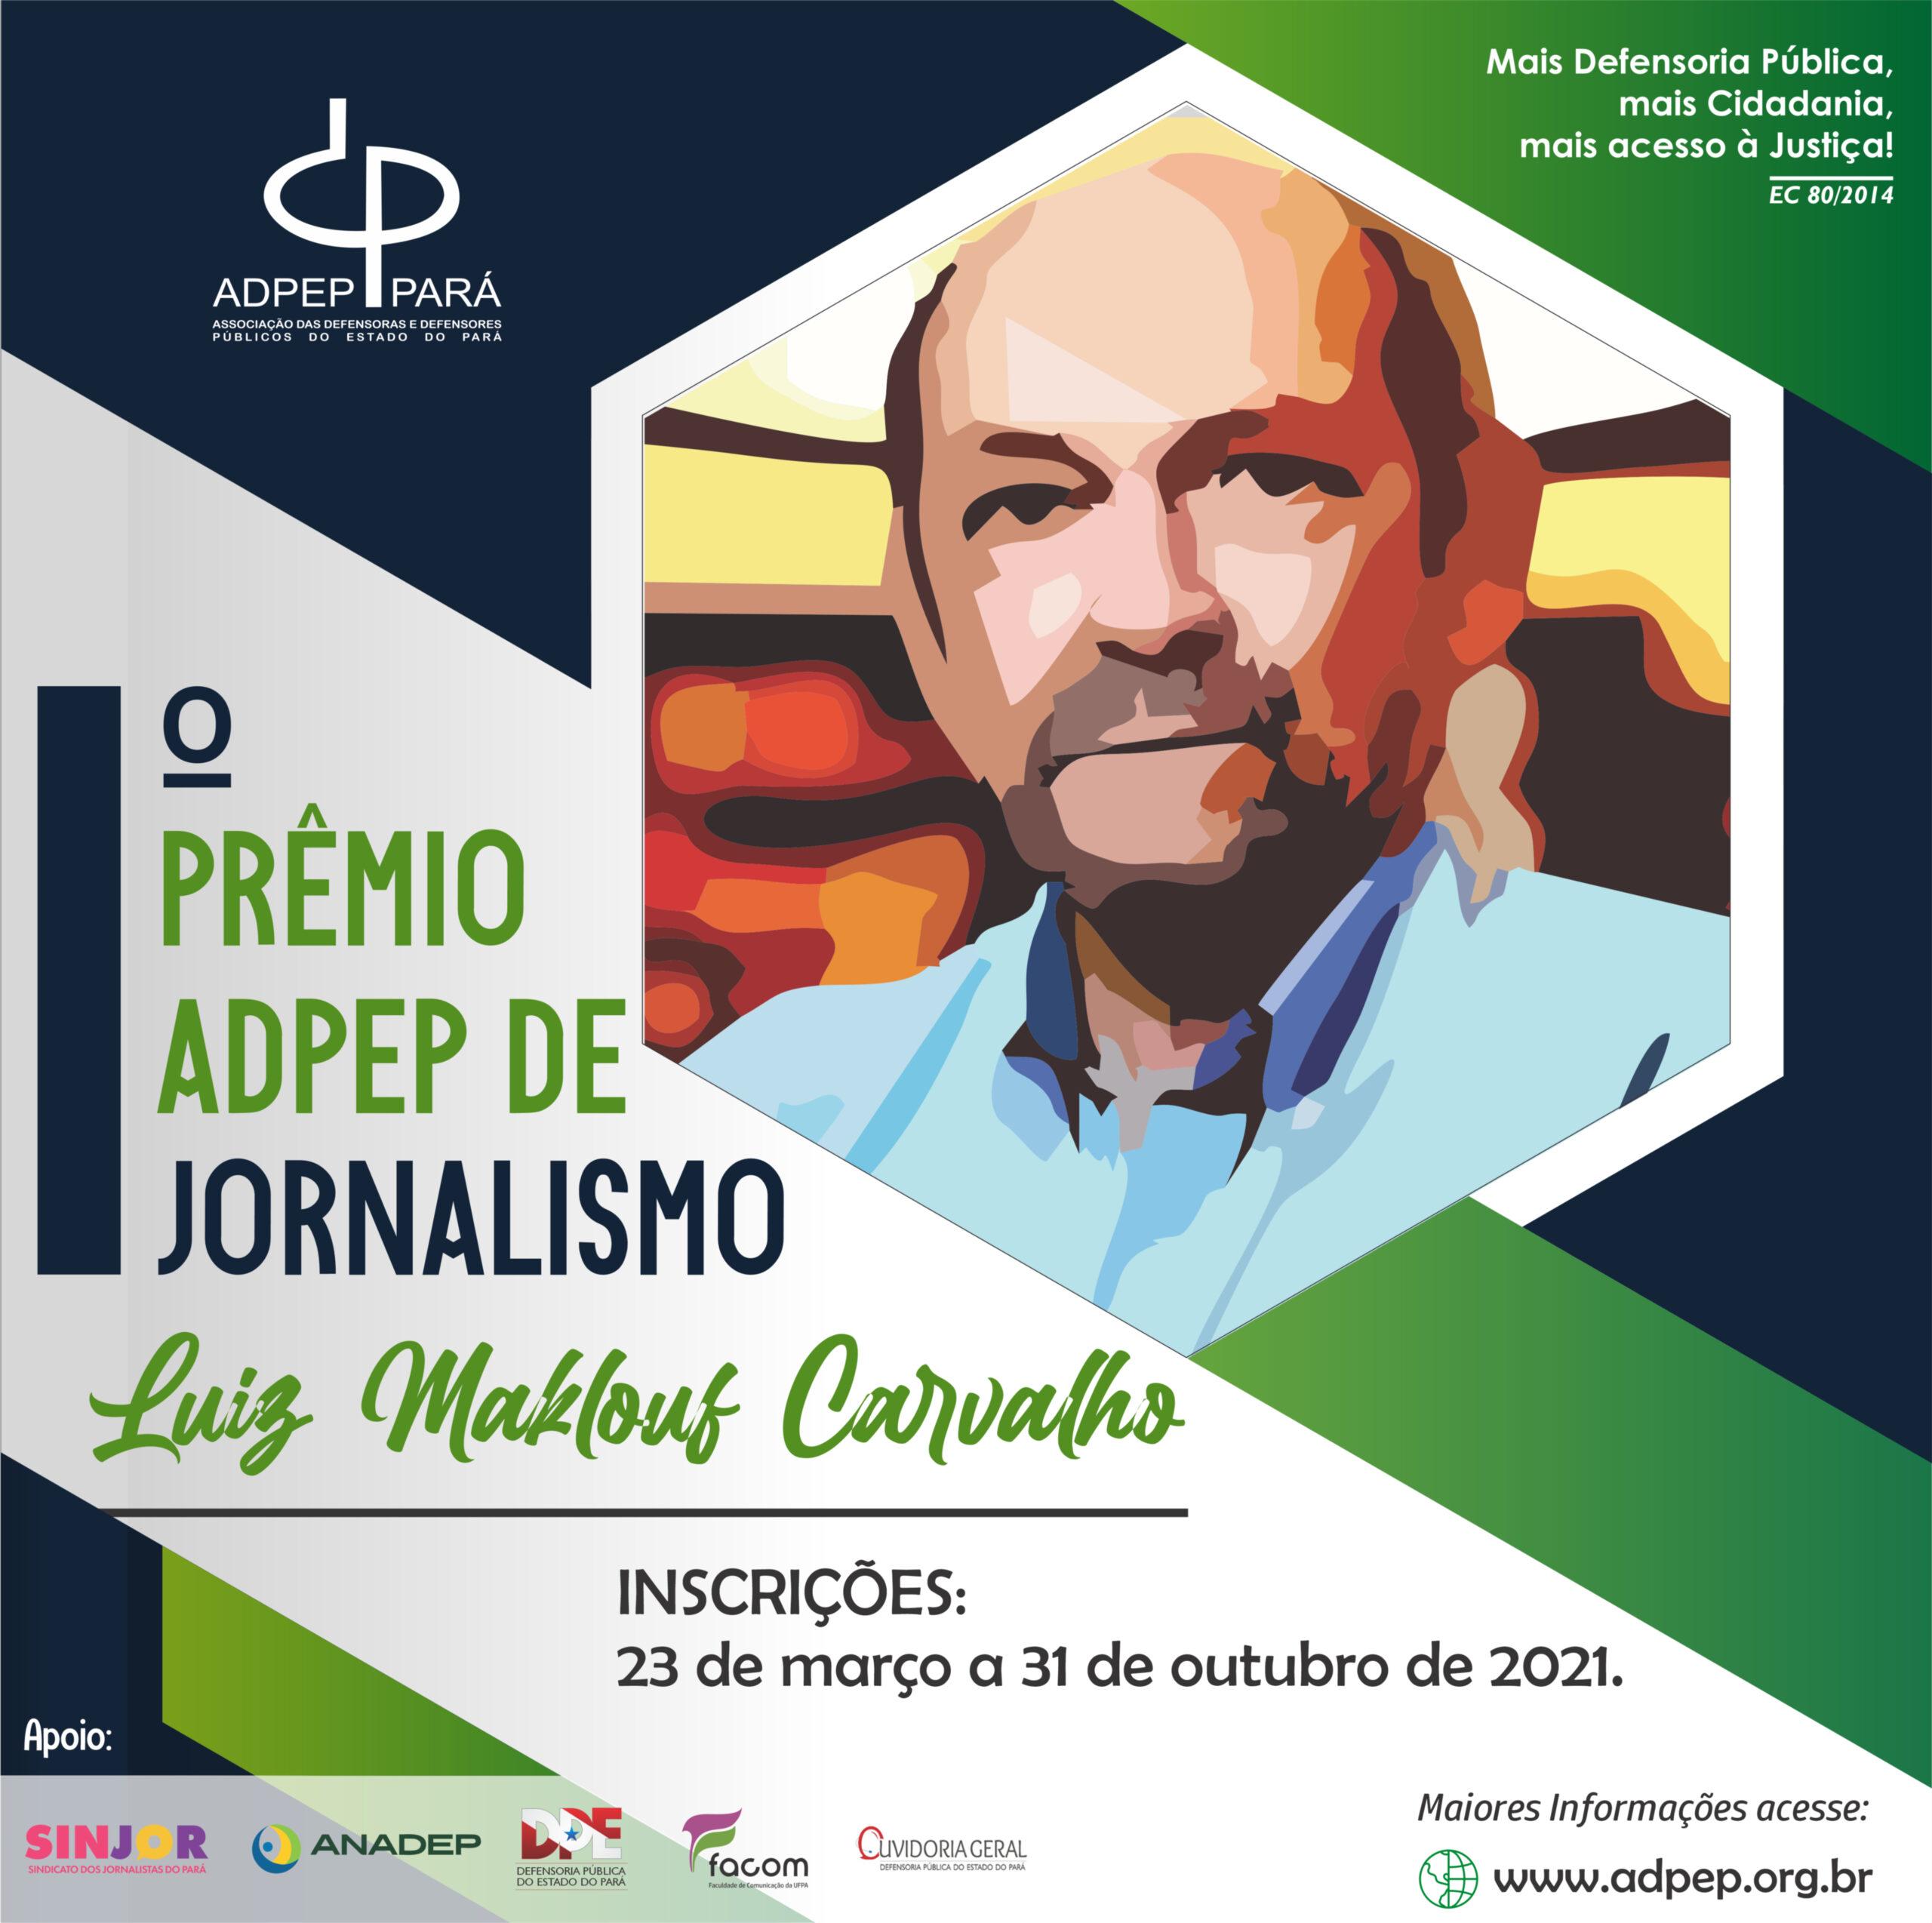 ADPEP premia jornalistas brasileiros que publiquem sobre direitos humanos na Amazônia através da atuação da Defensoria Pública do PA